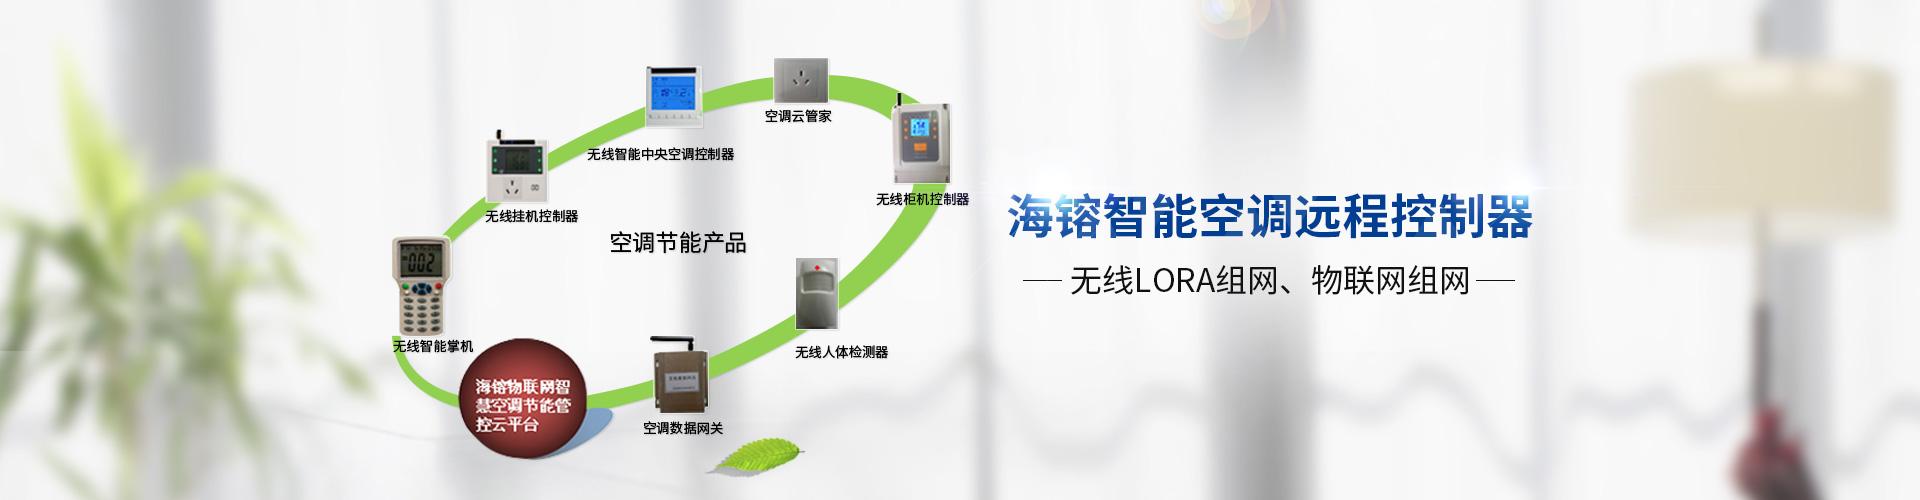 w88优德手机版本登录中文版w88win远程w88优德娱乐中文版